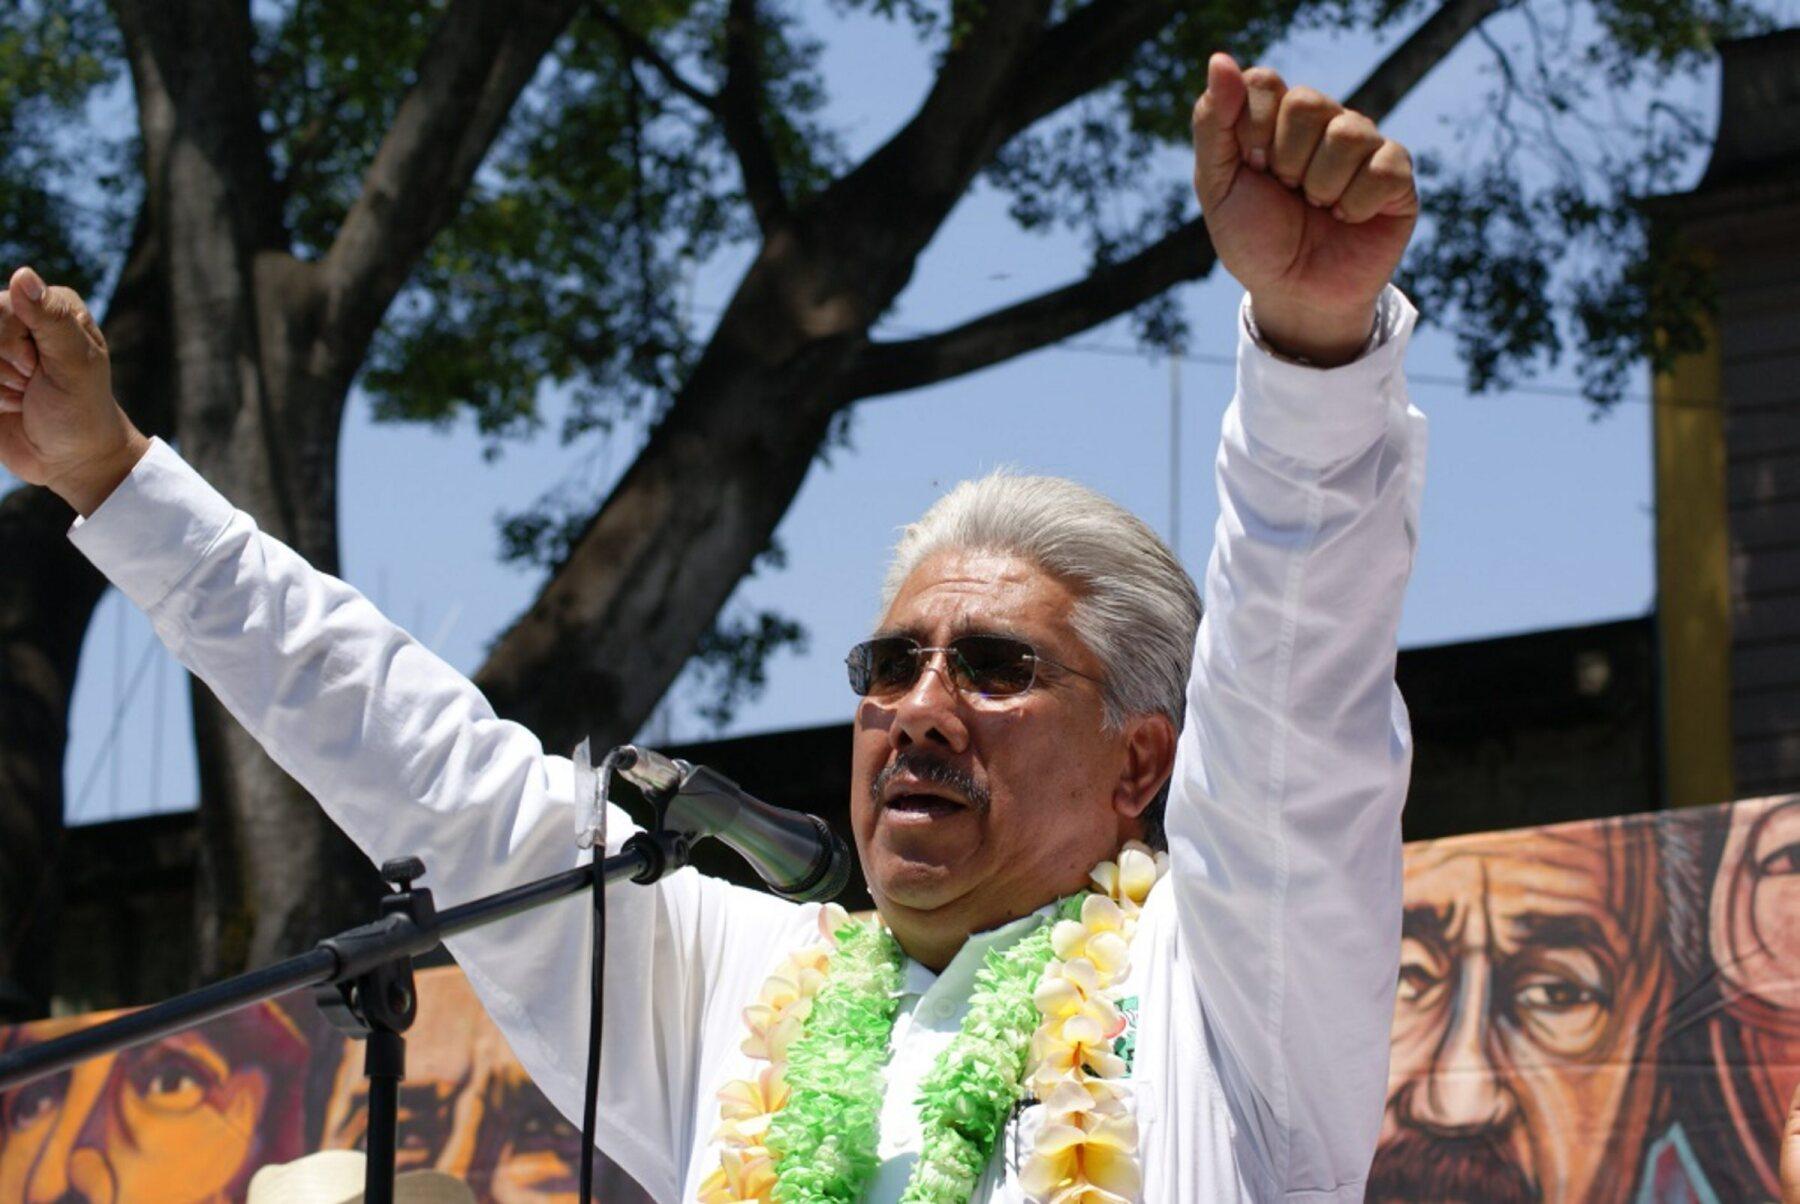 El candidato del Partido Unidad Popular (PUP) a gobernador de Oaxaca, Francisco Javier Jiménez, enfoca sus promesas de campaña en seguridad, empleo y salud.